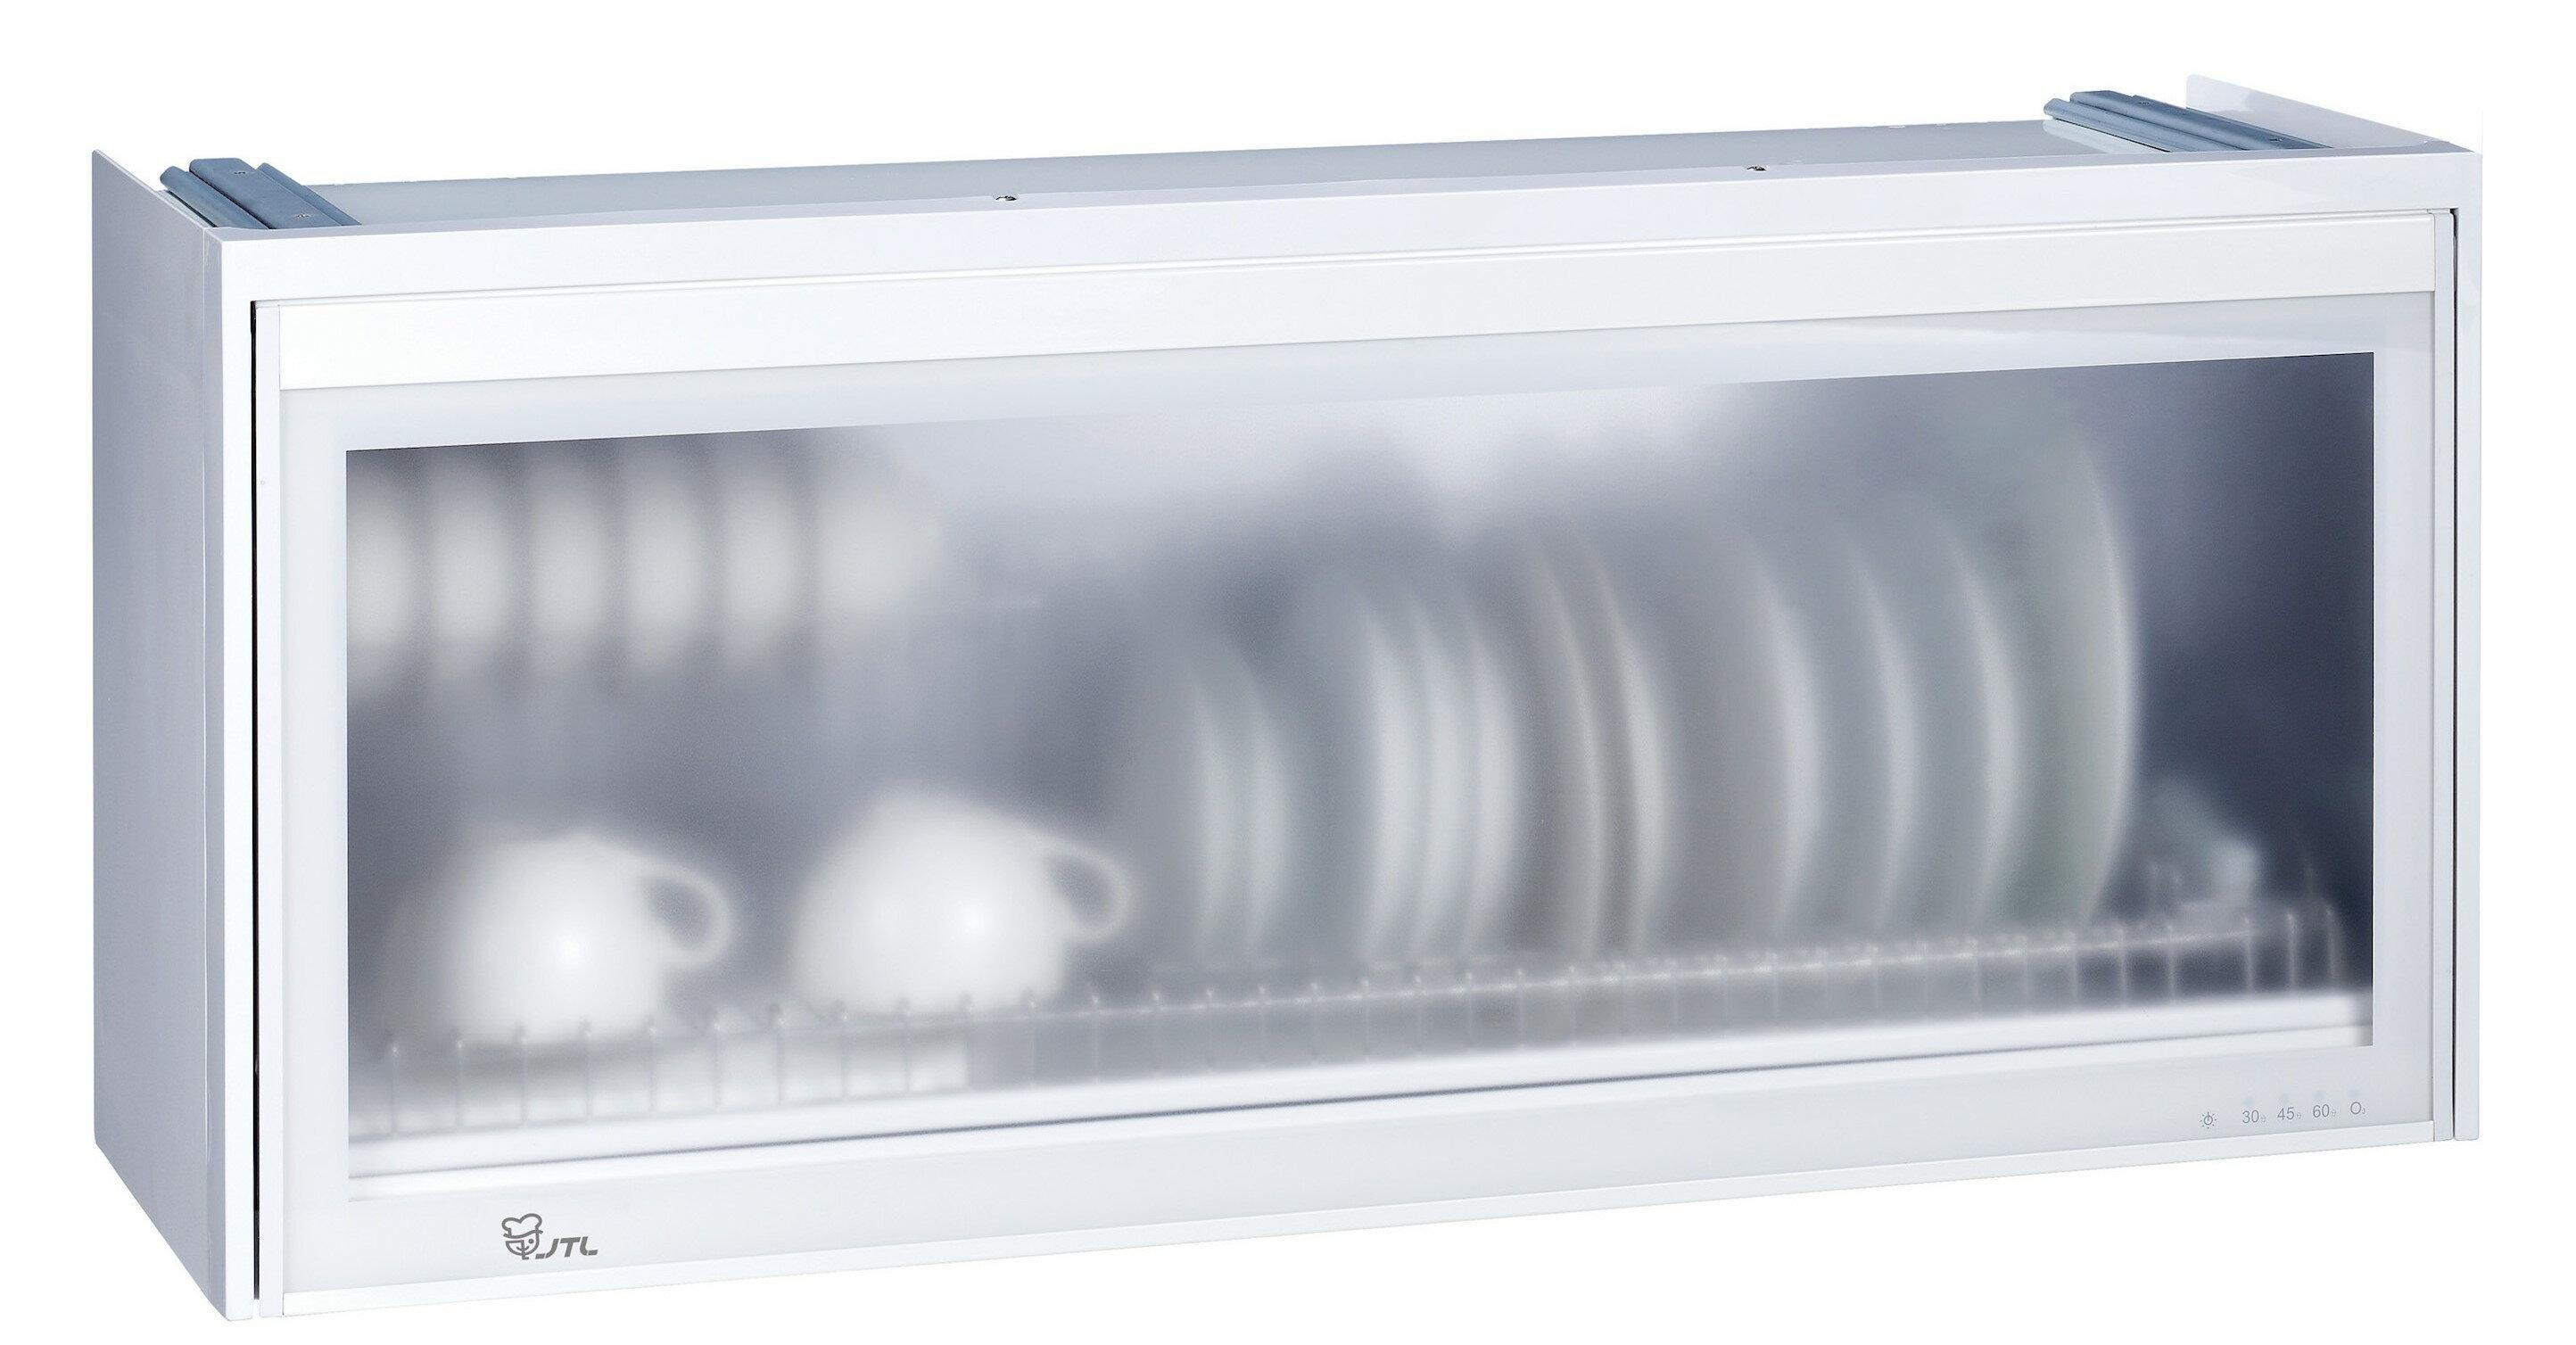 【品僑企業行】喜特麗JT-3618Q(80cm臭氧型)/JT-3619Q(90cm臭氧型)全平面懸掛式烘碗機